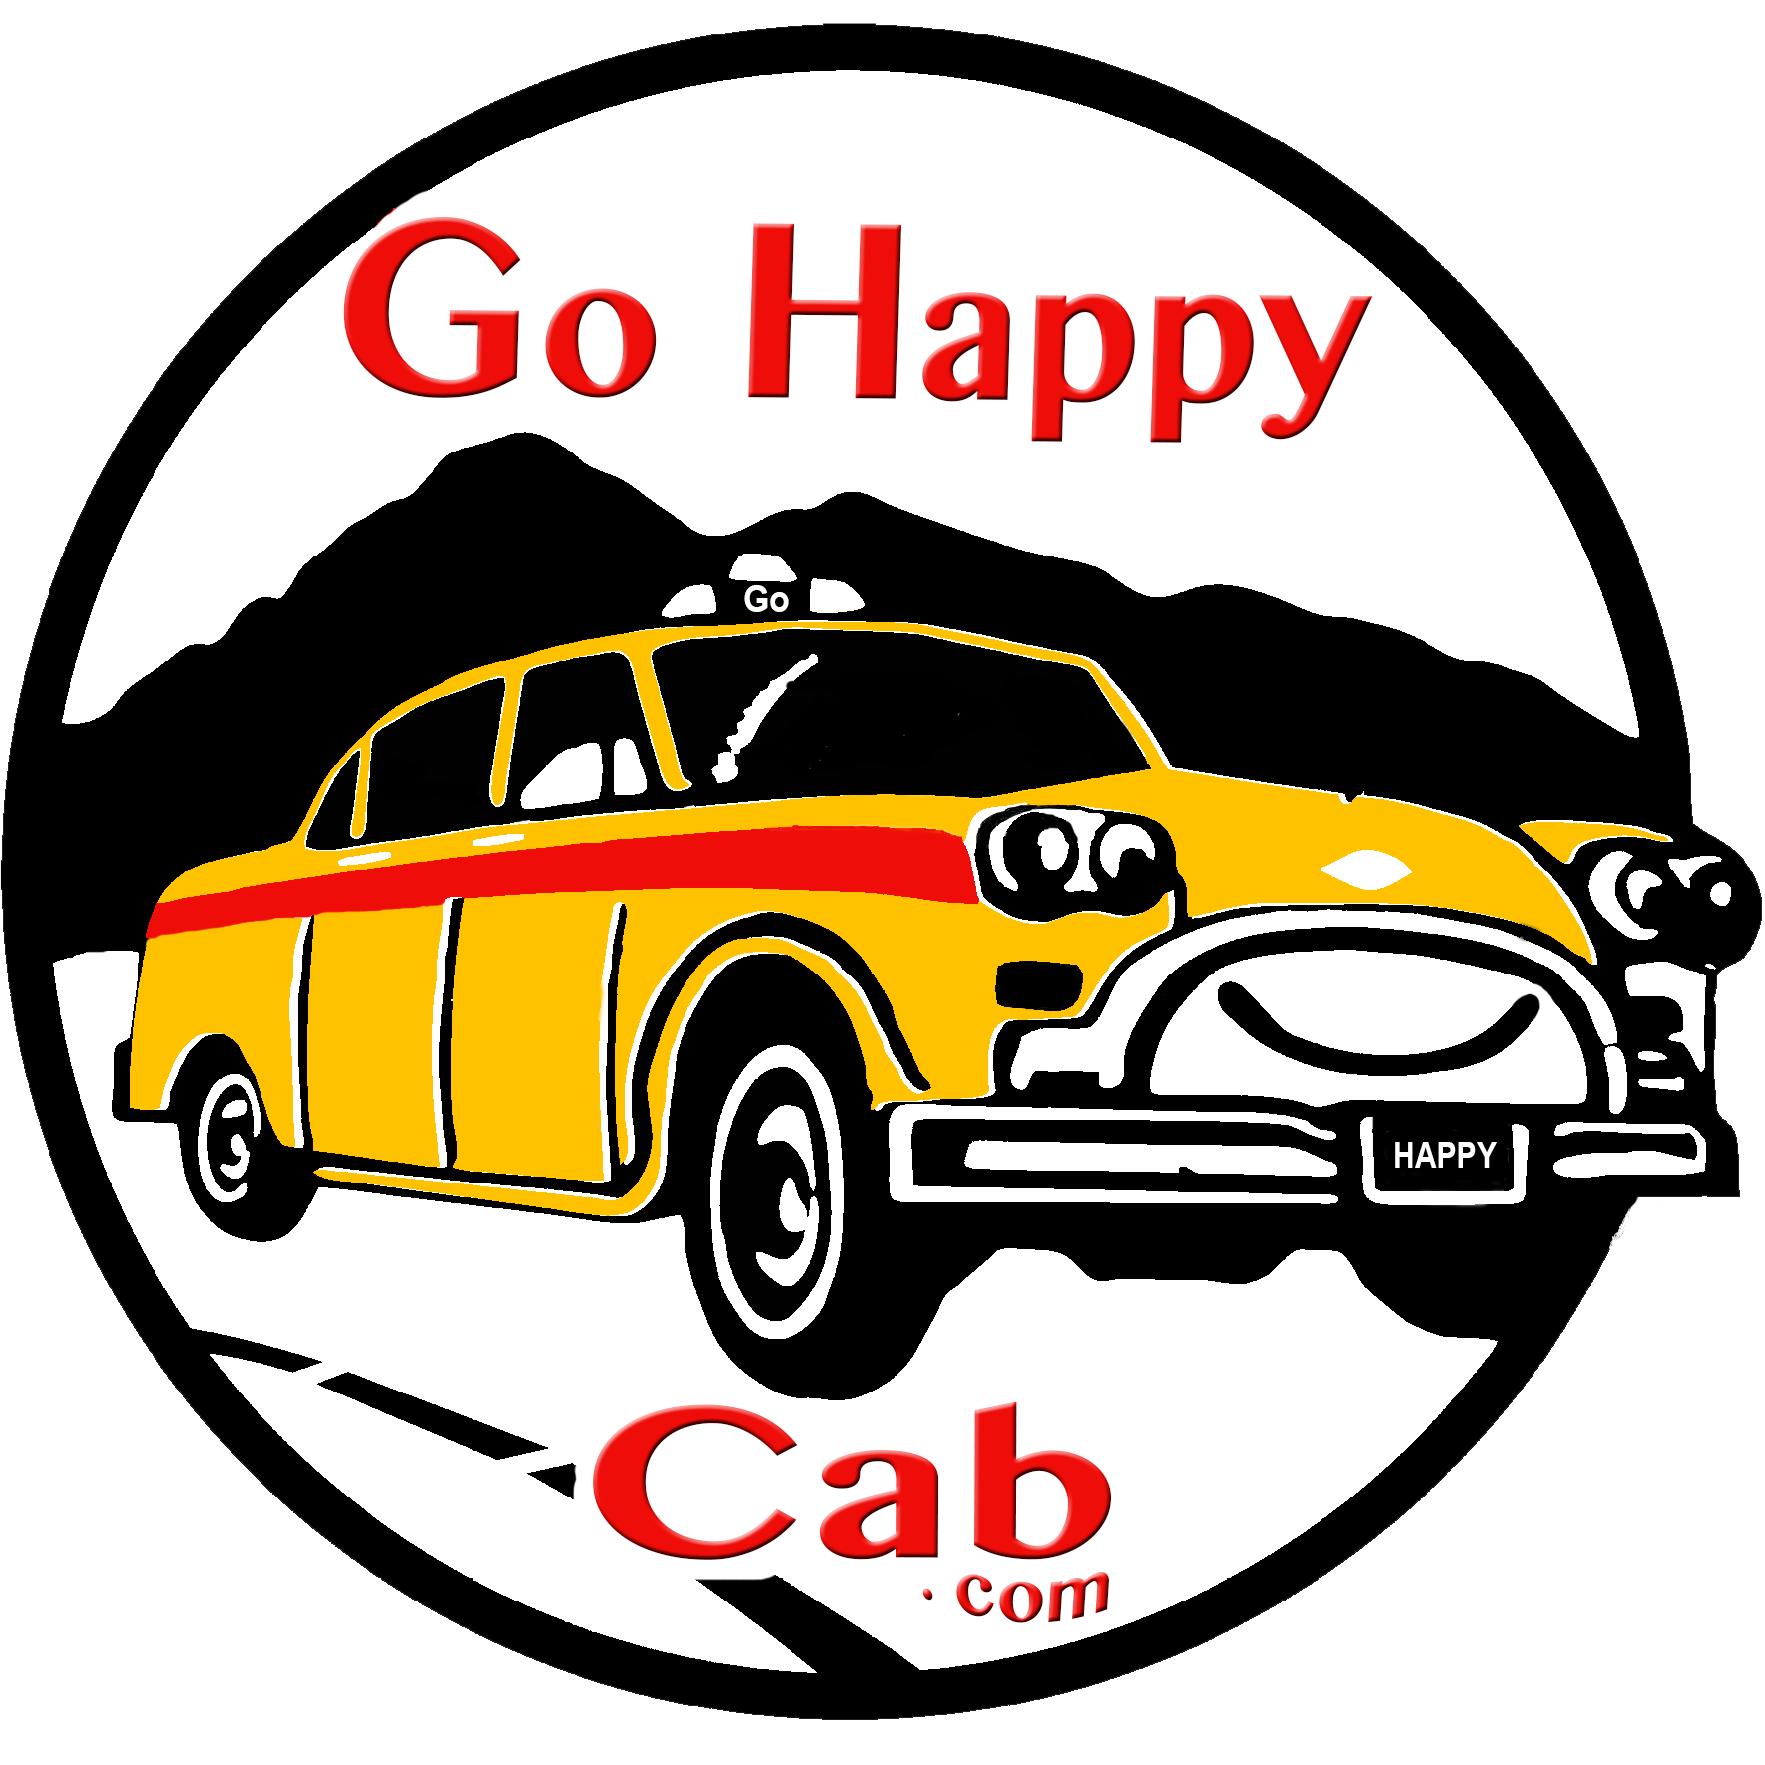 Go Happy Cab